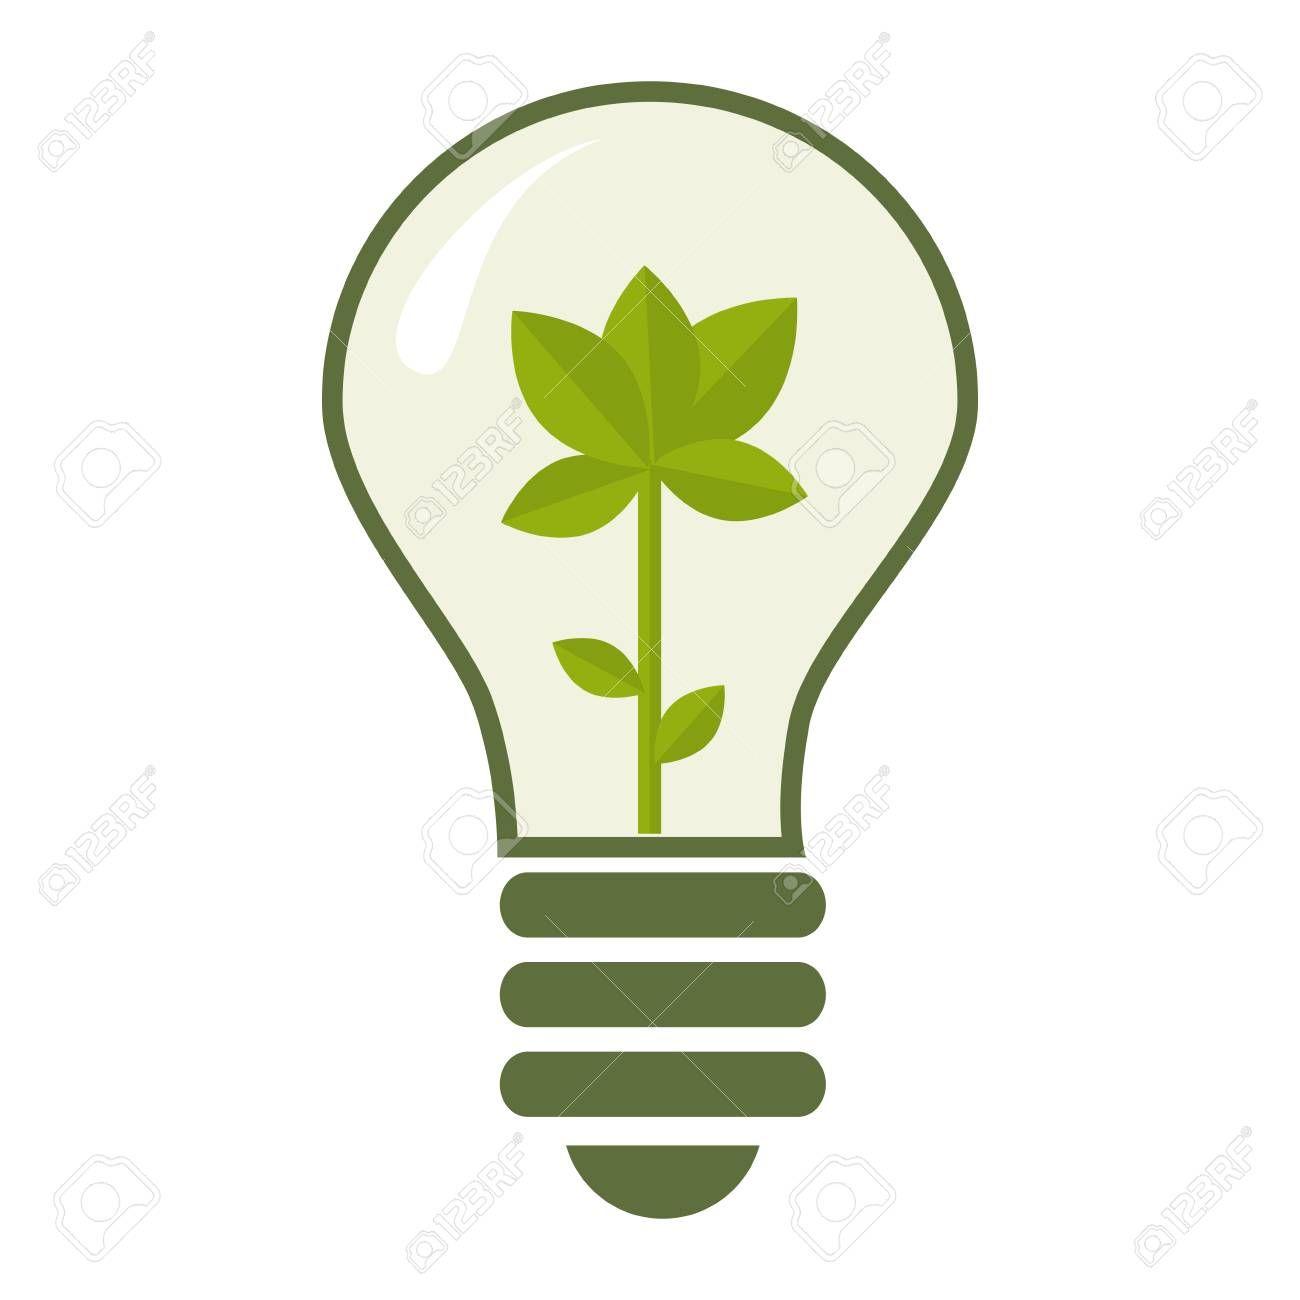 Icono De Medio Ambiente Bombilla De Reciclaje En 2020 Bombillas Medio Ambiente Reciclaje